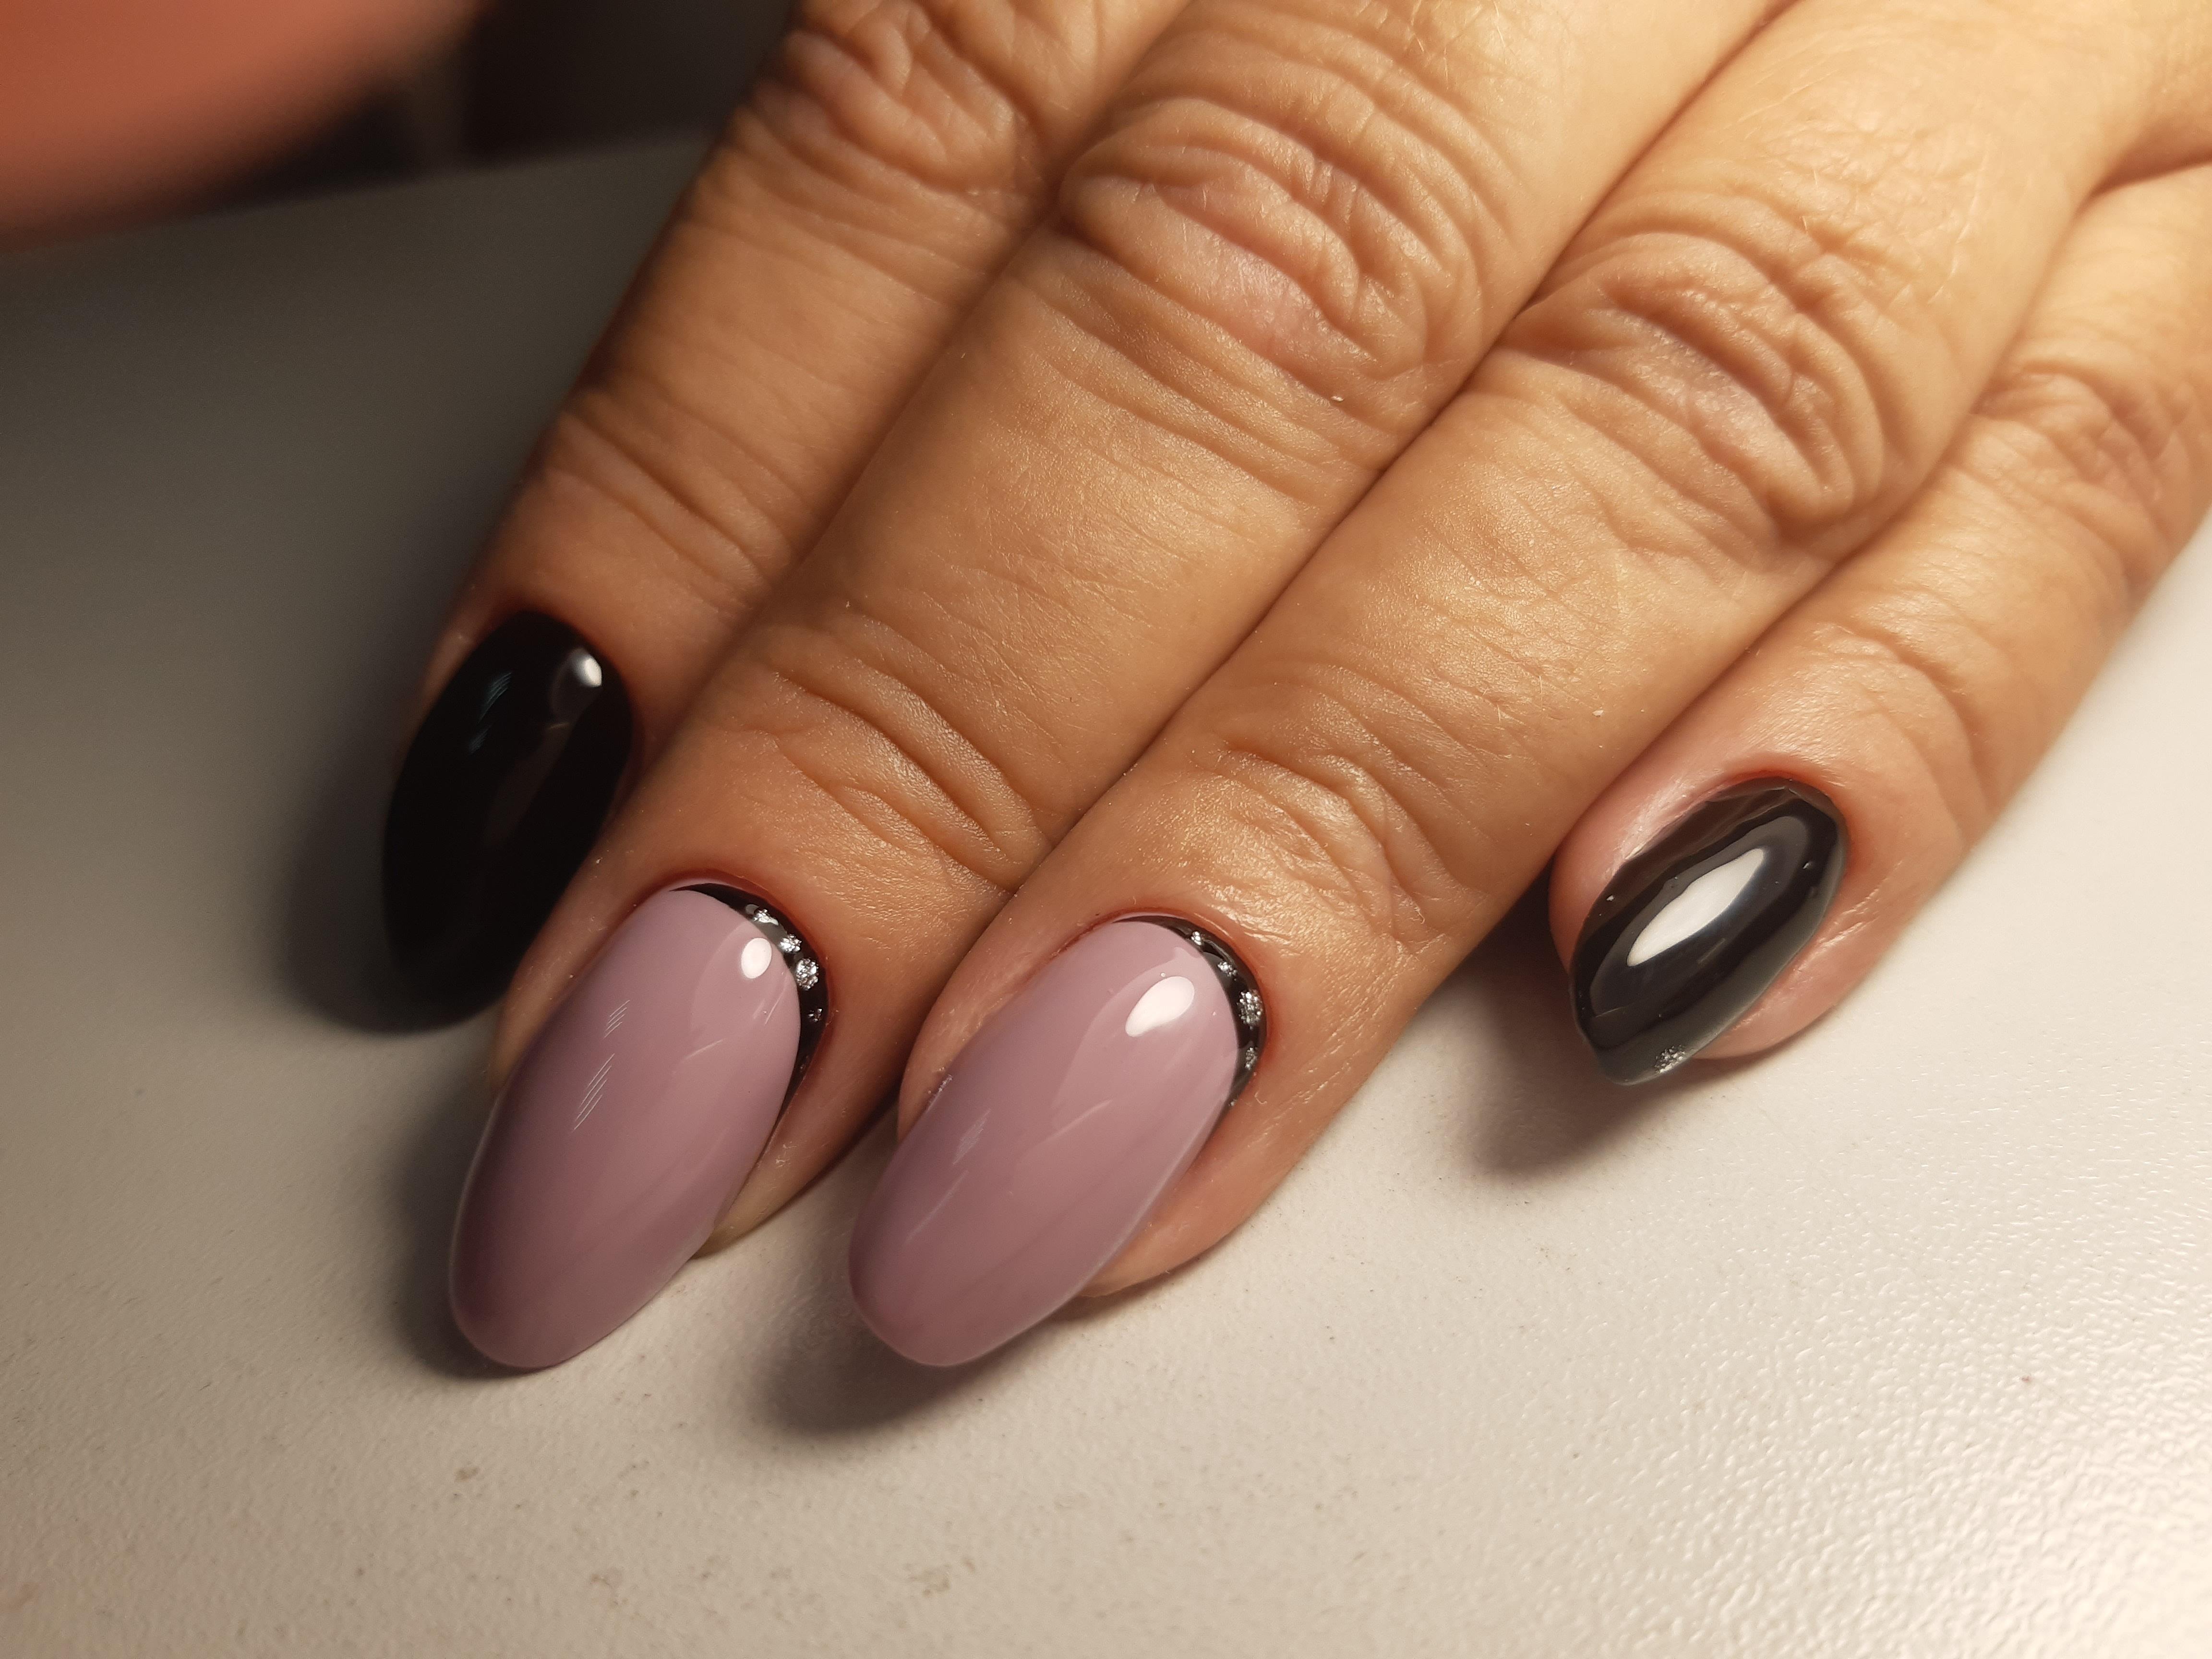 Маникюр с лунным дизайном на длинные ногти.